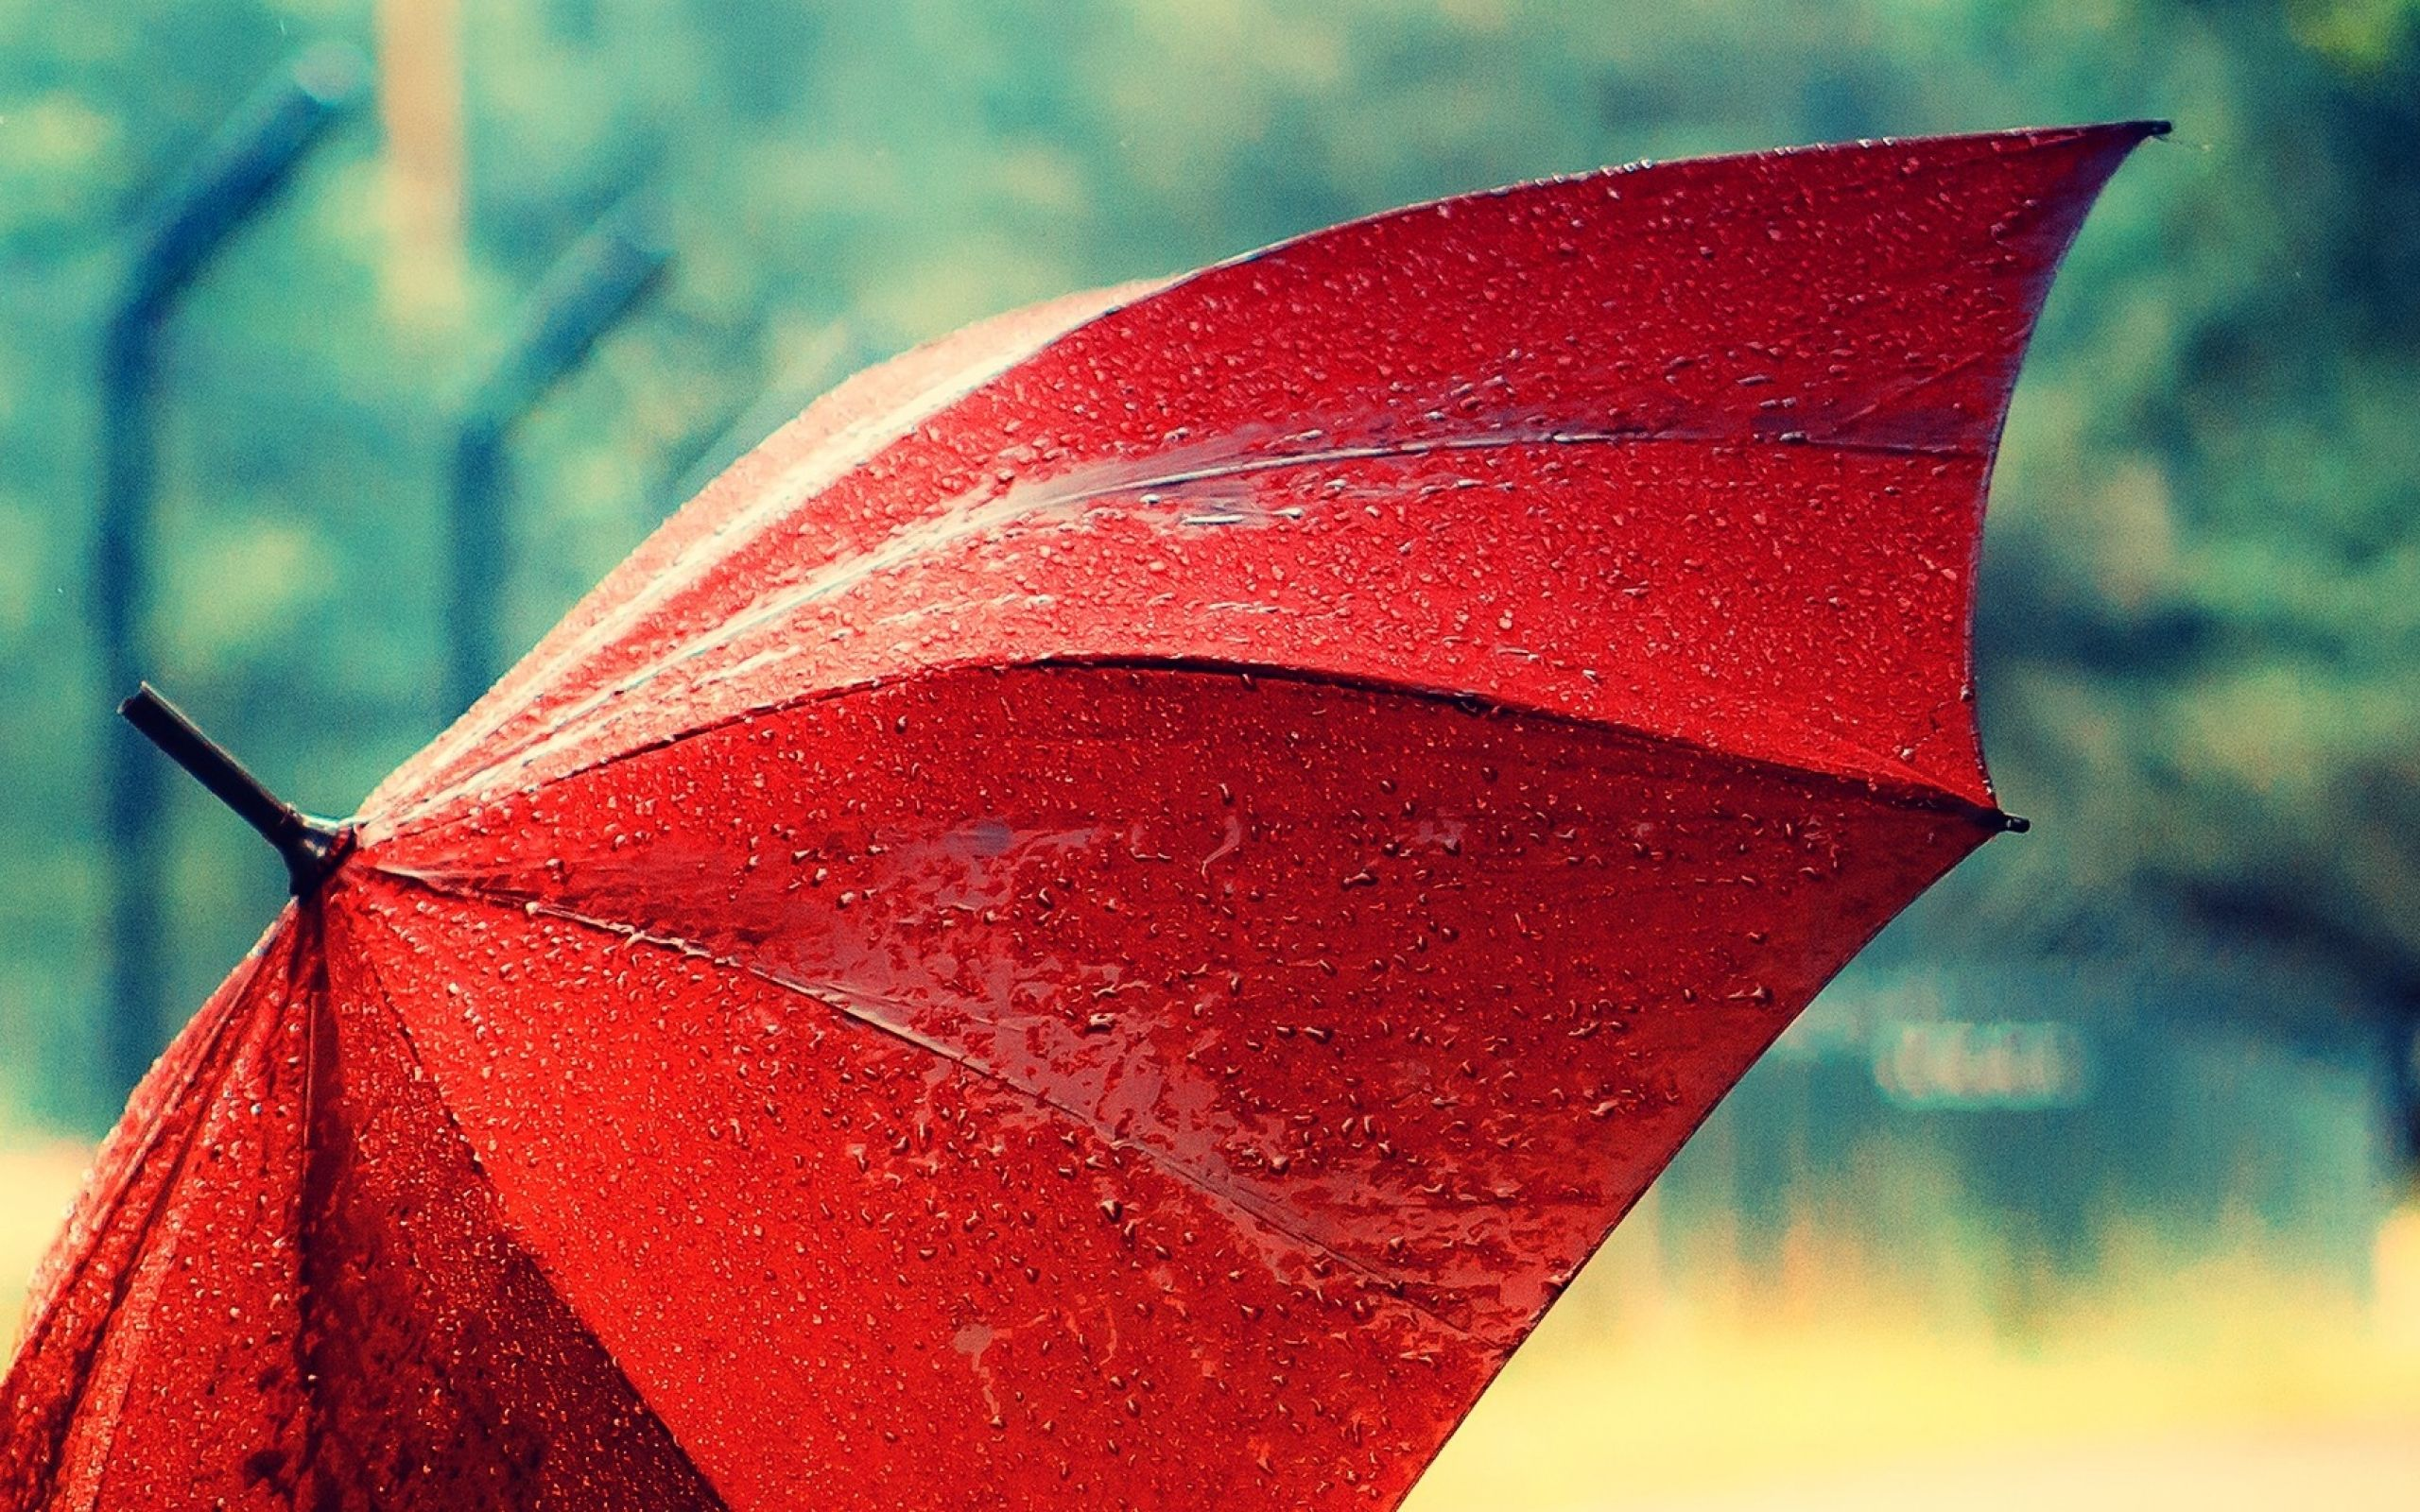 Umbrella Wallpaper Rain Wallpapers Red Umbrella Umbrella